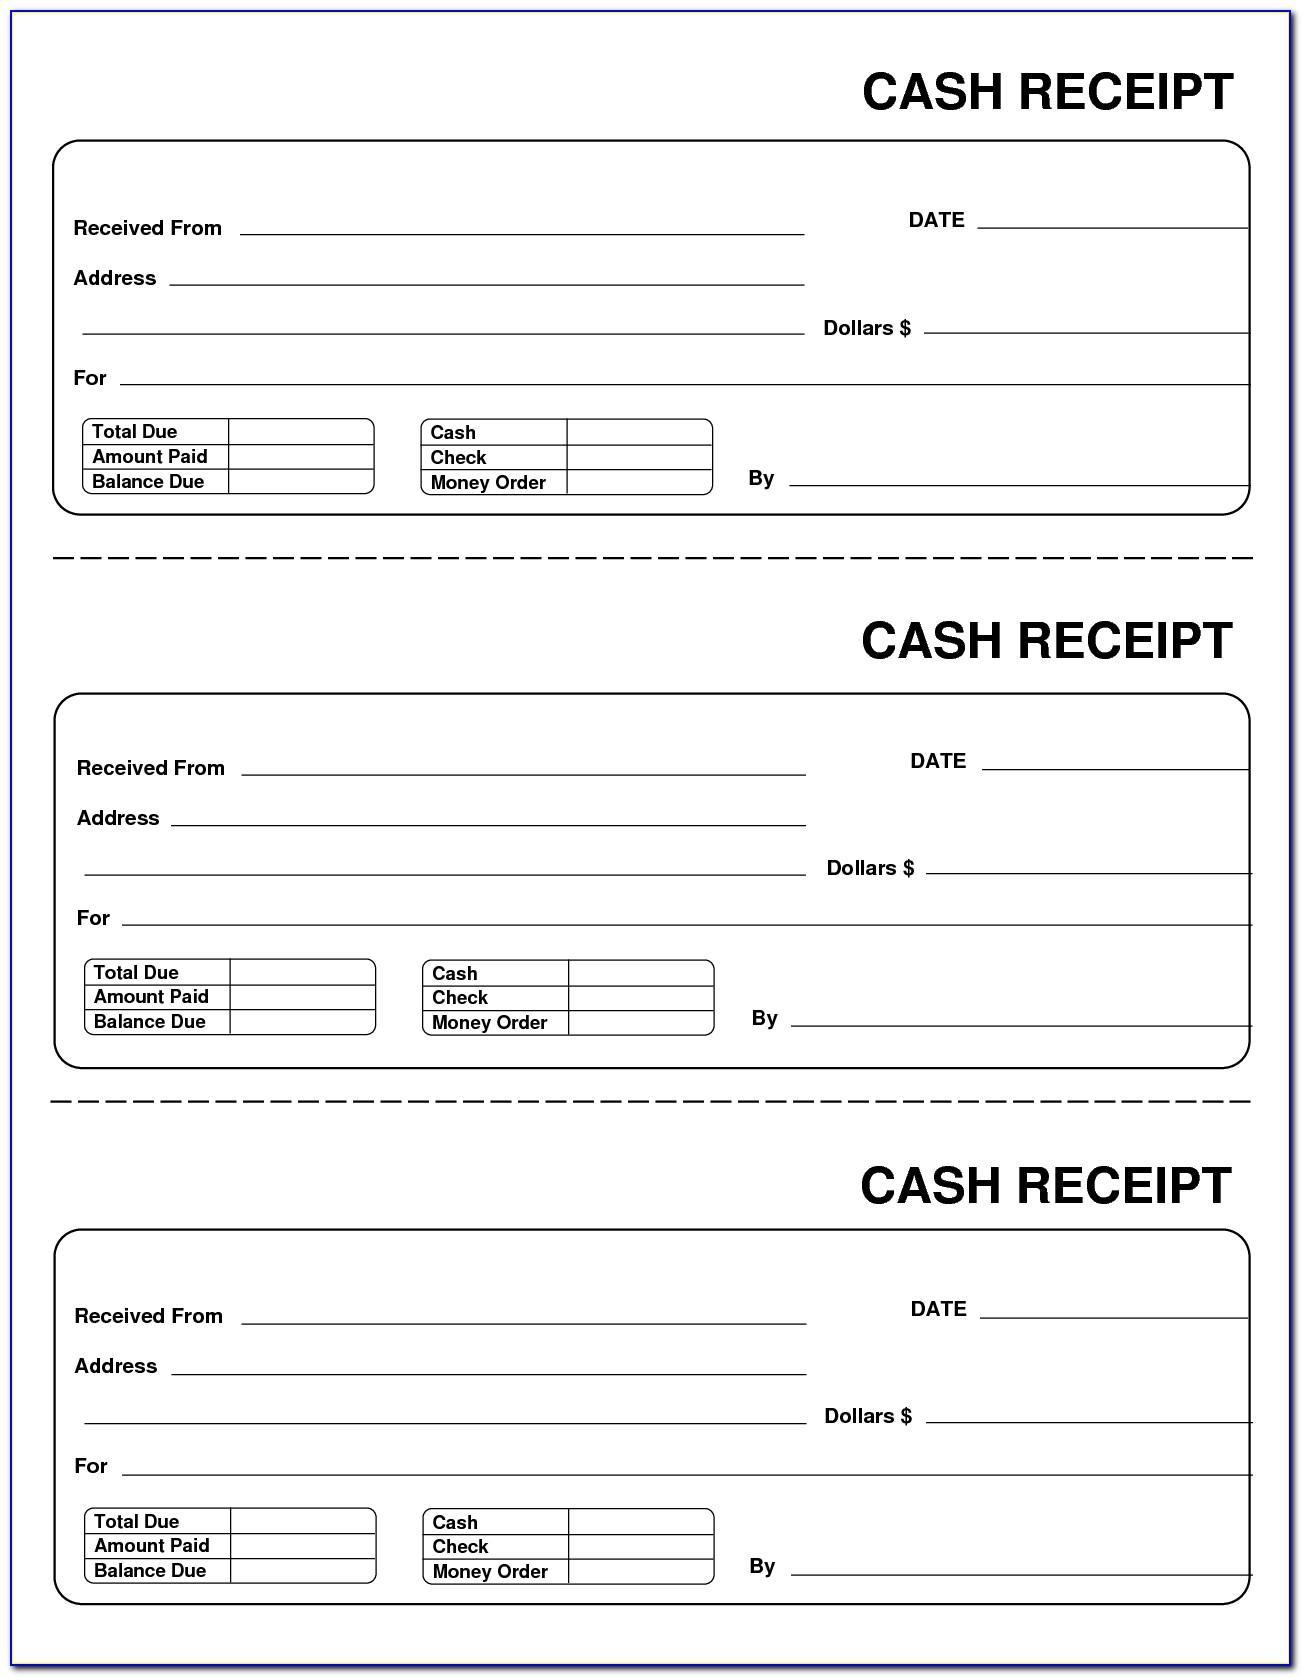 Printable Cash Receipt Forms